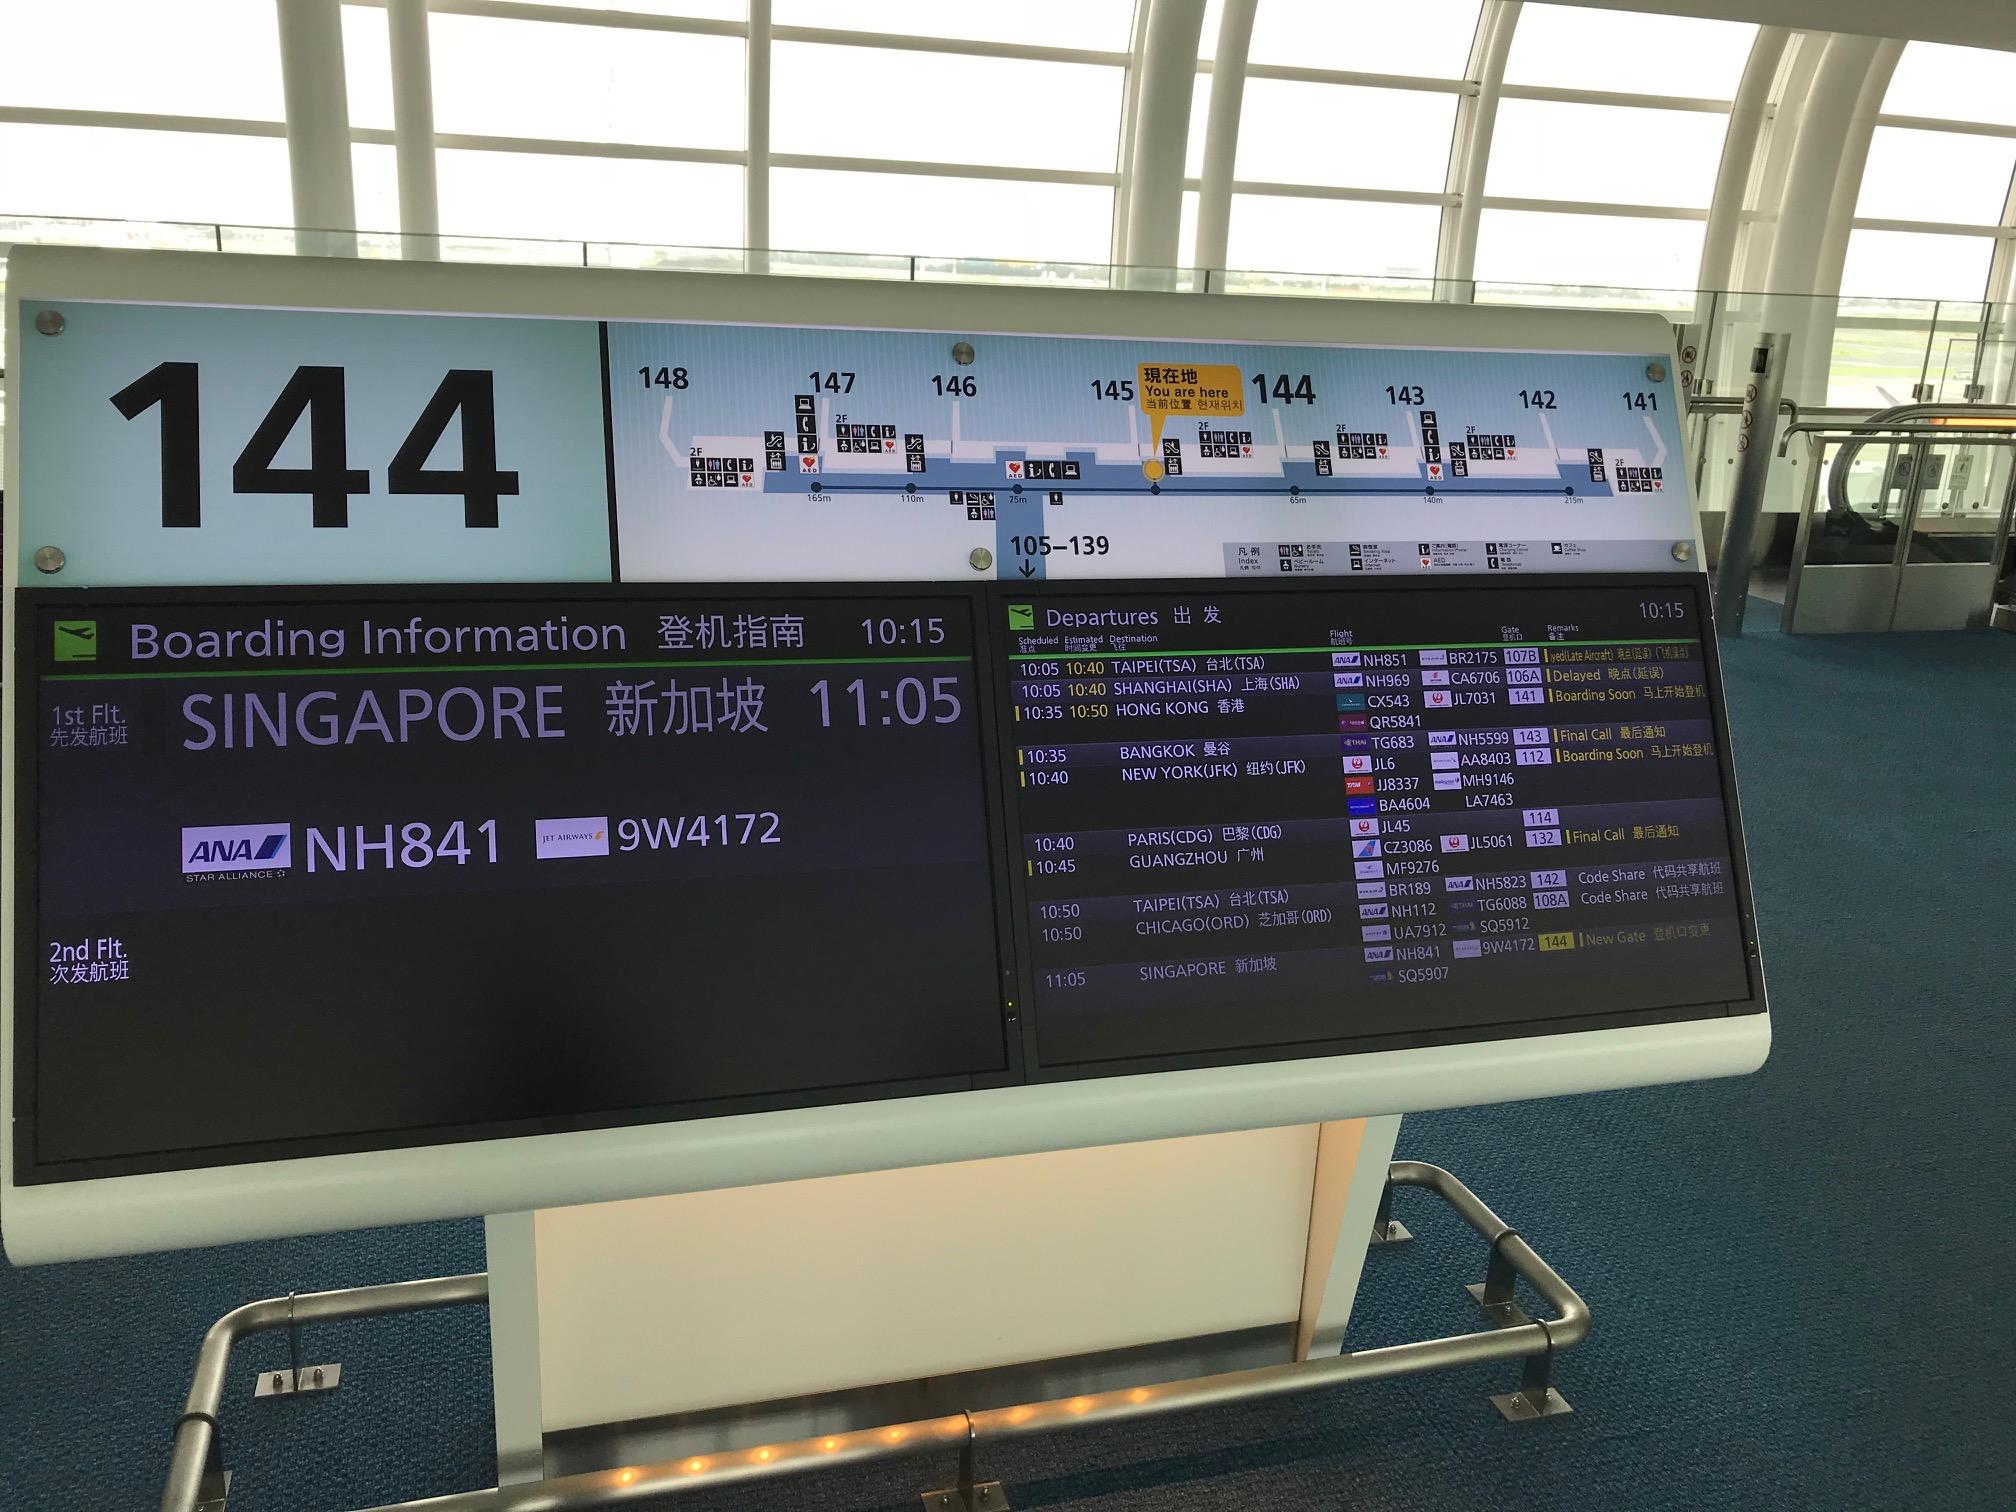 NH841 羽田ーシンガポール